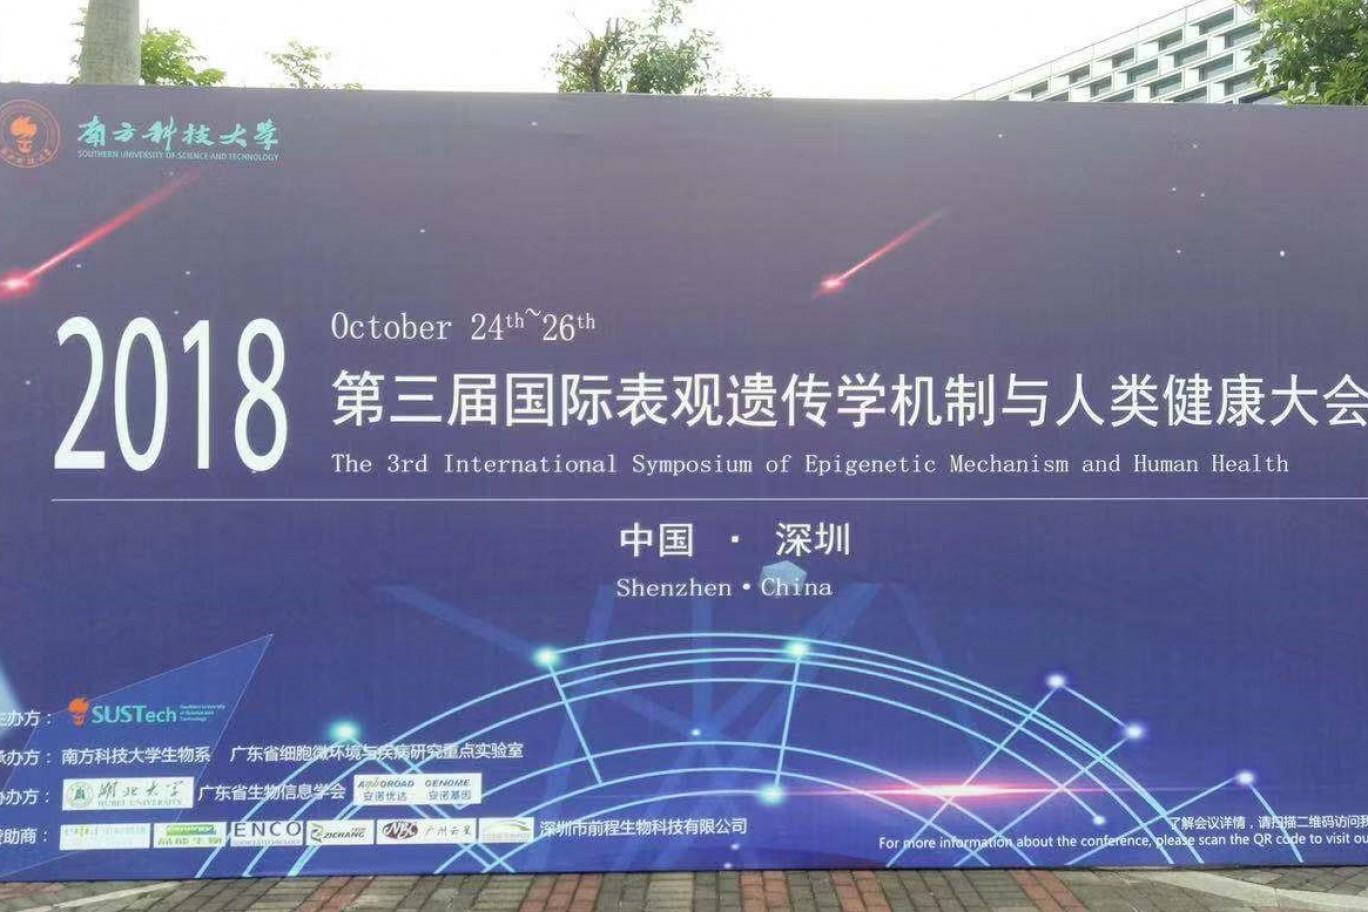 安诺优达单细胞和Hi-C测序技术亮相第三届ISEMHH大会